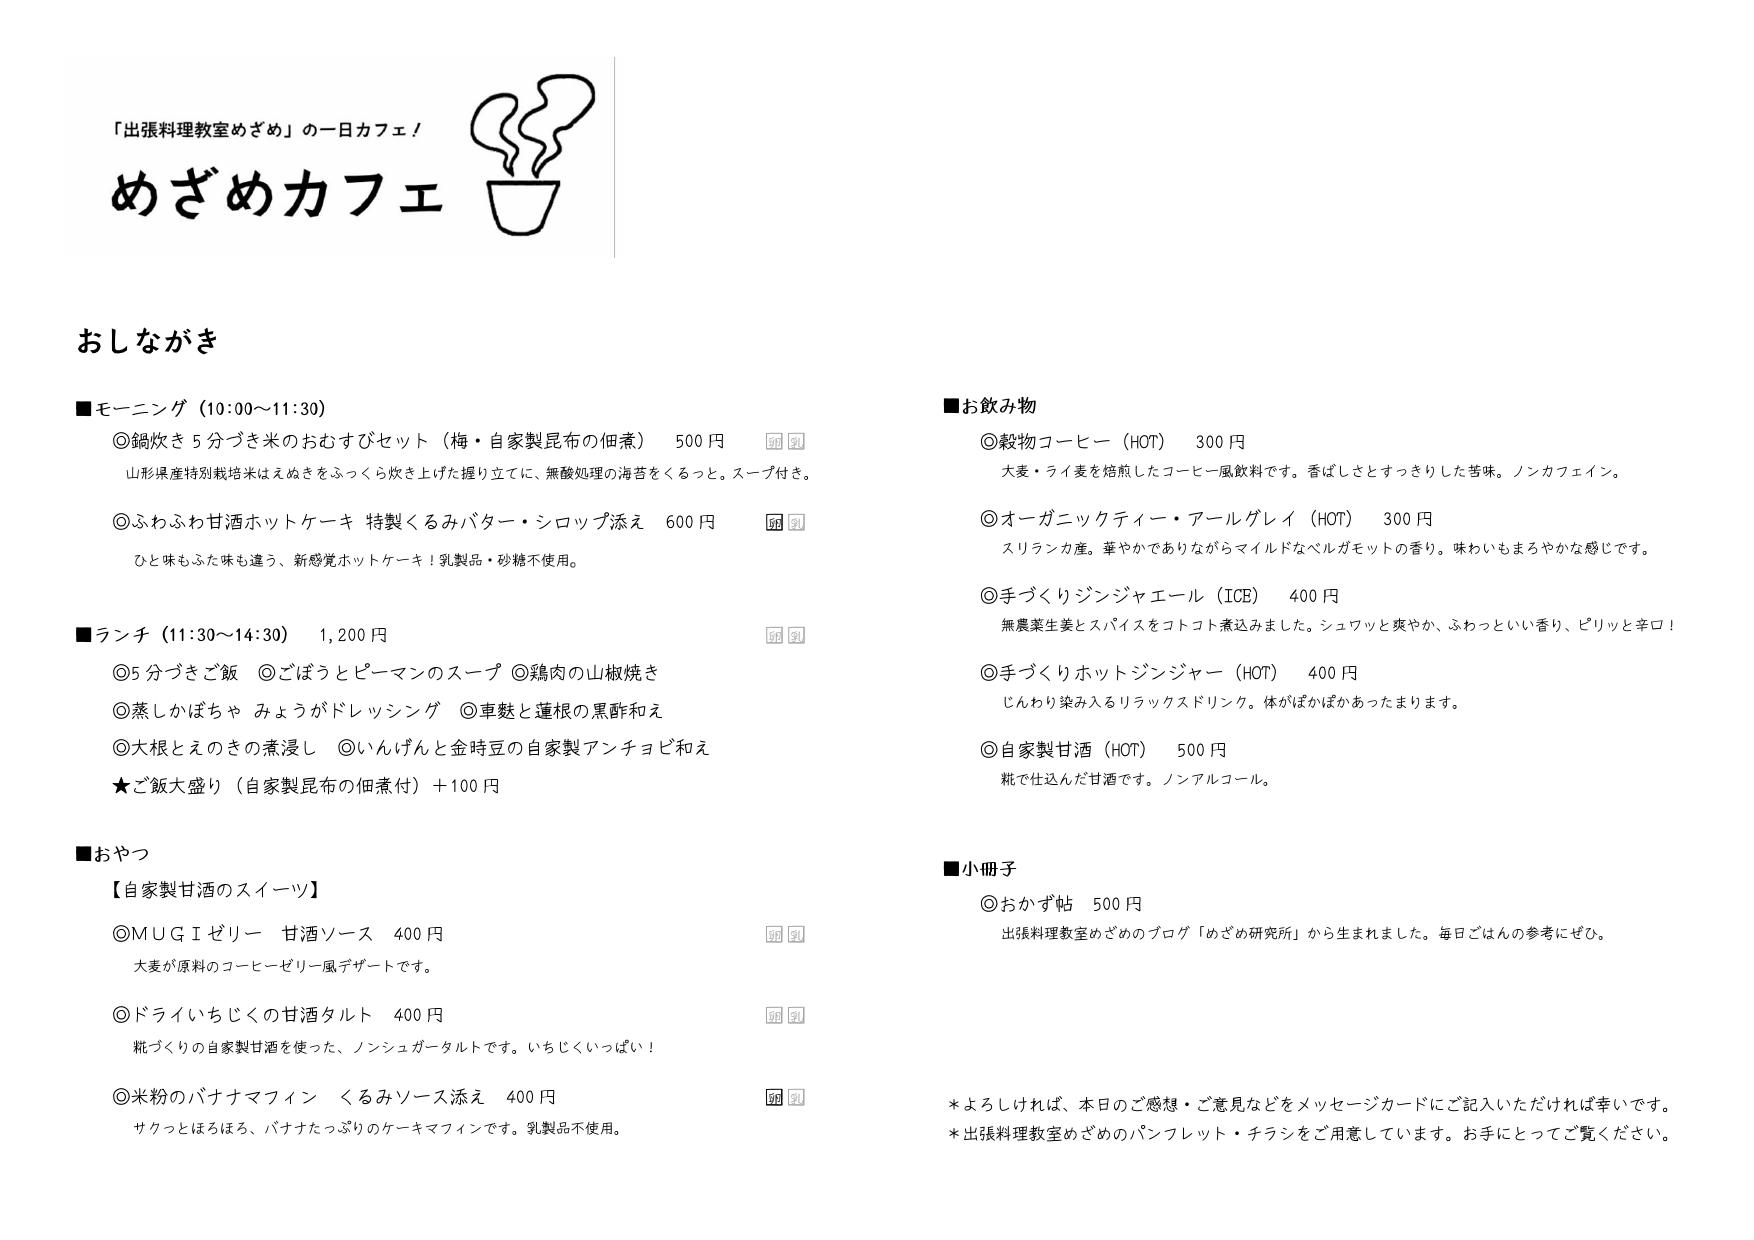 oahinagaki20130929-web0001.jpg